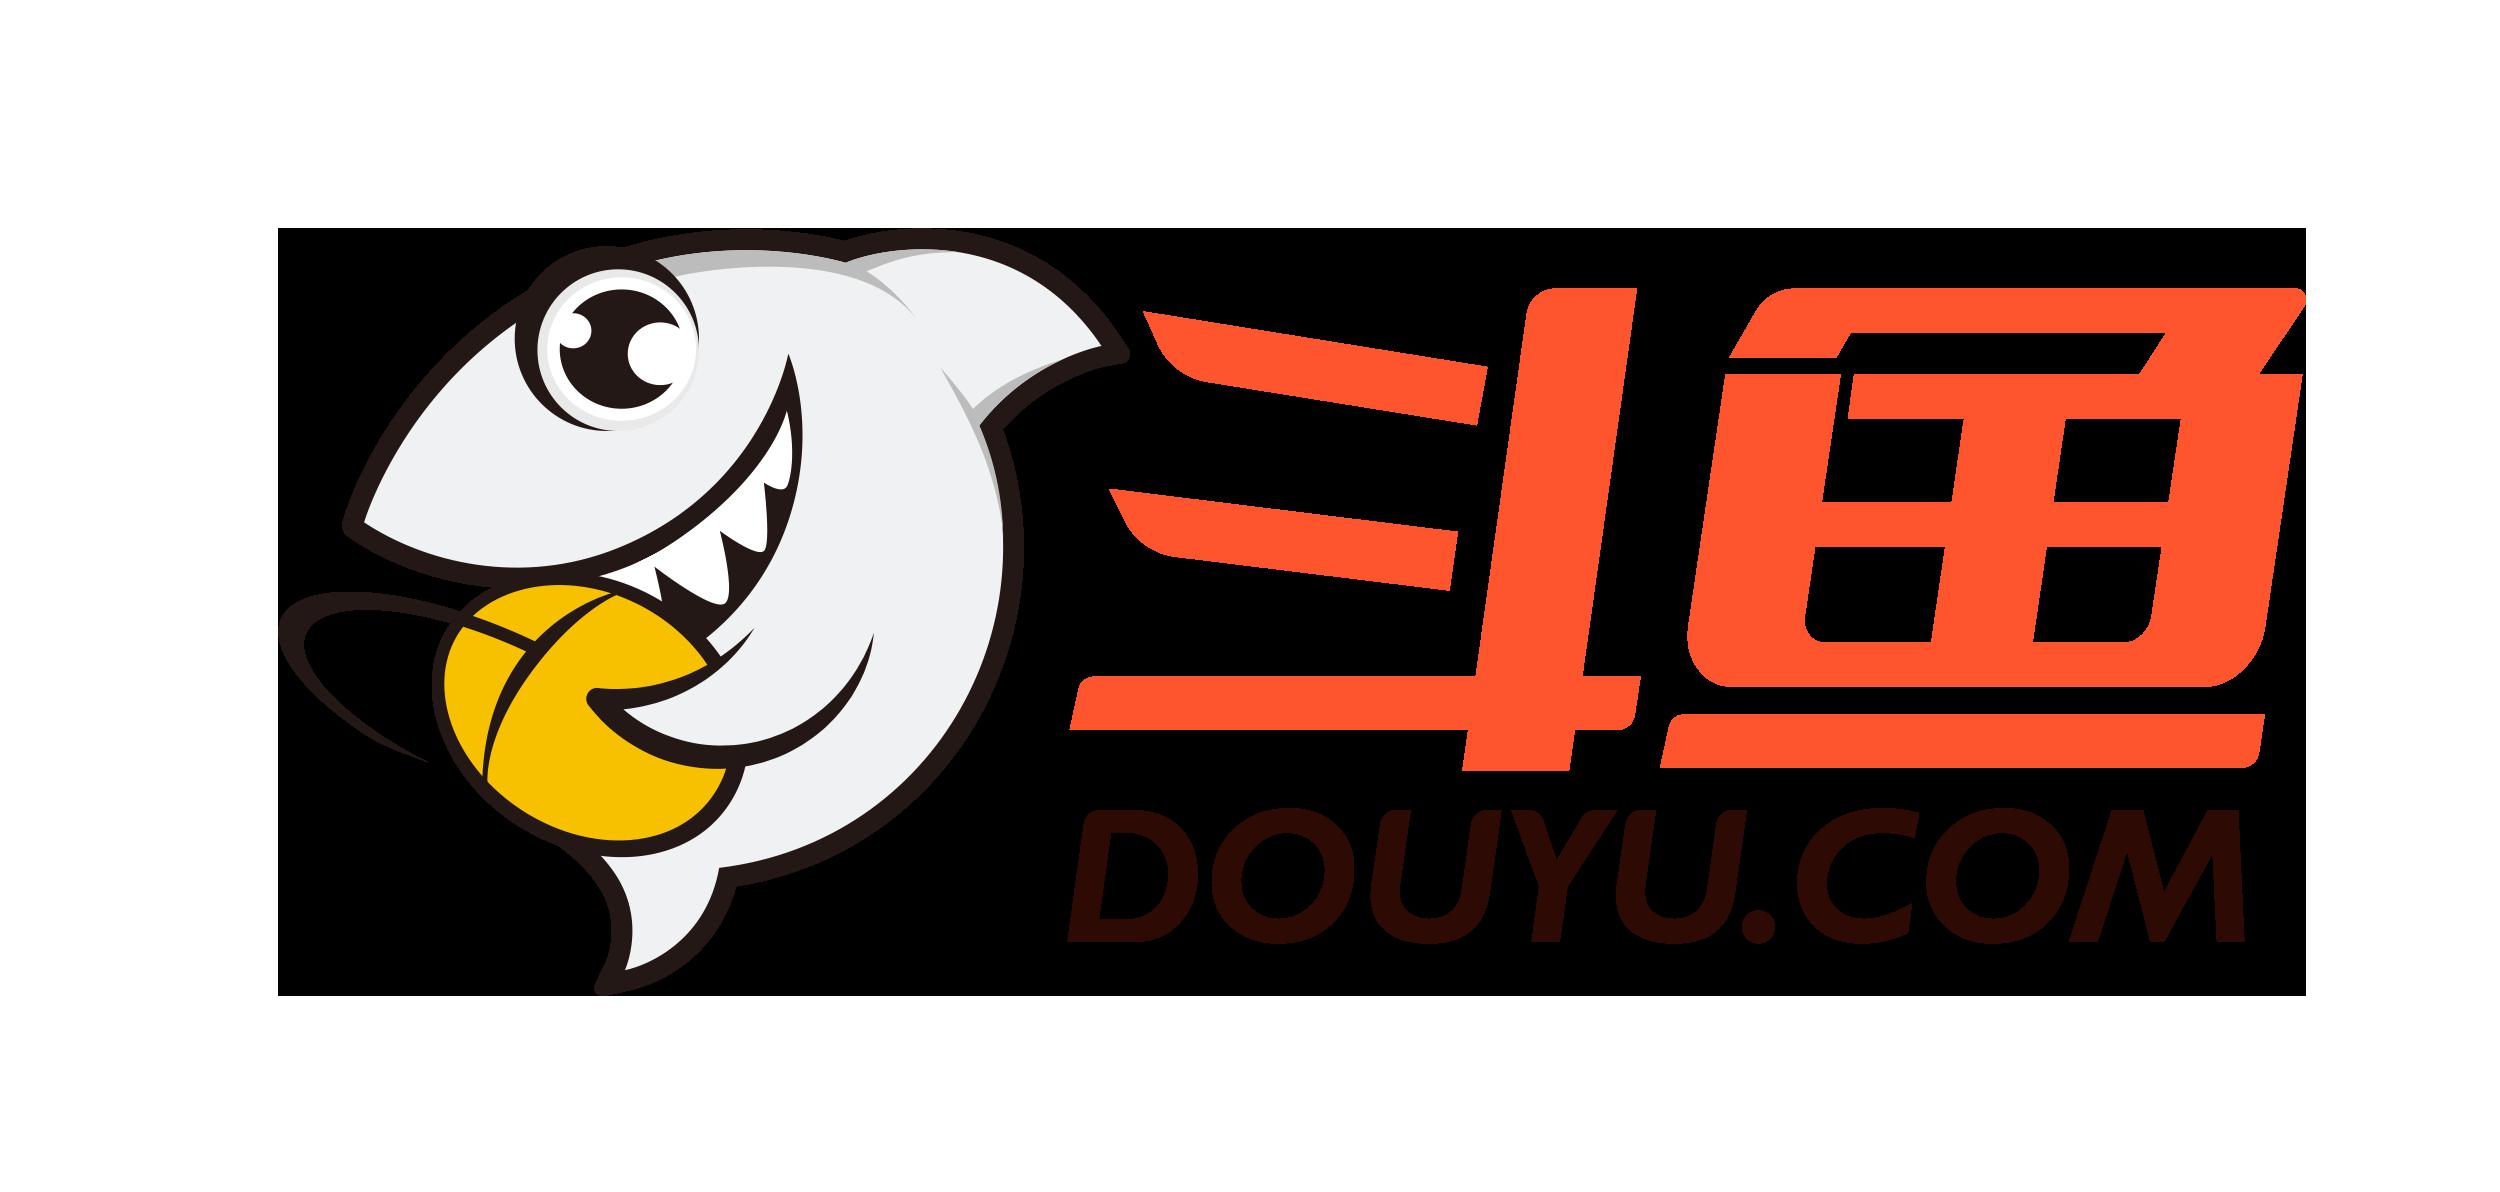 Douyu logo